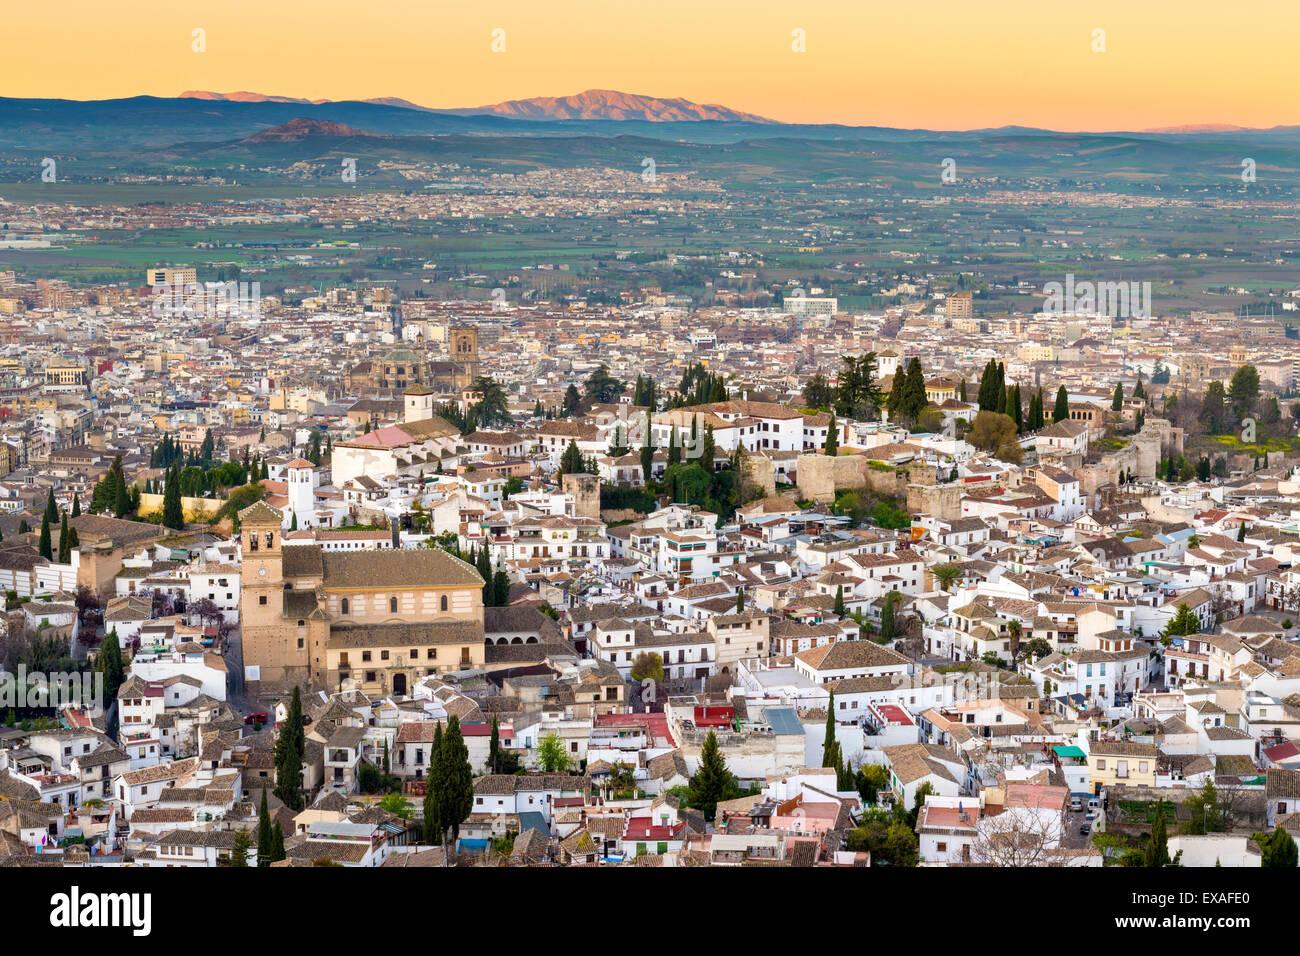 Stadtbild von Granada mit der Iglesia del Salvador, Granada, Andalusien, Spanien, Europa Stockbild